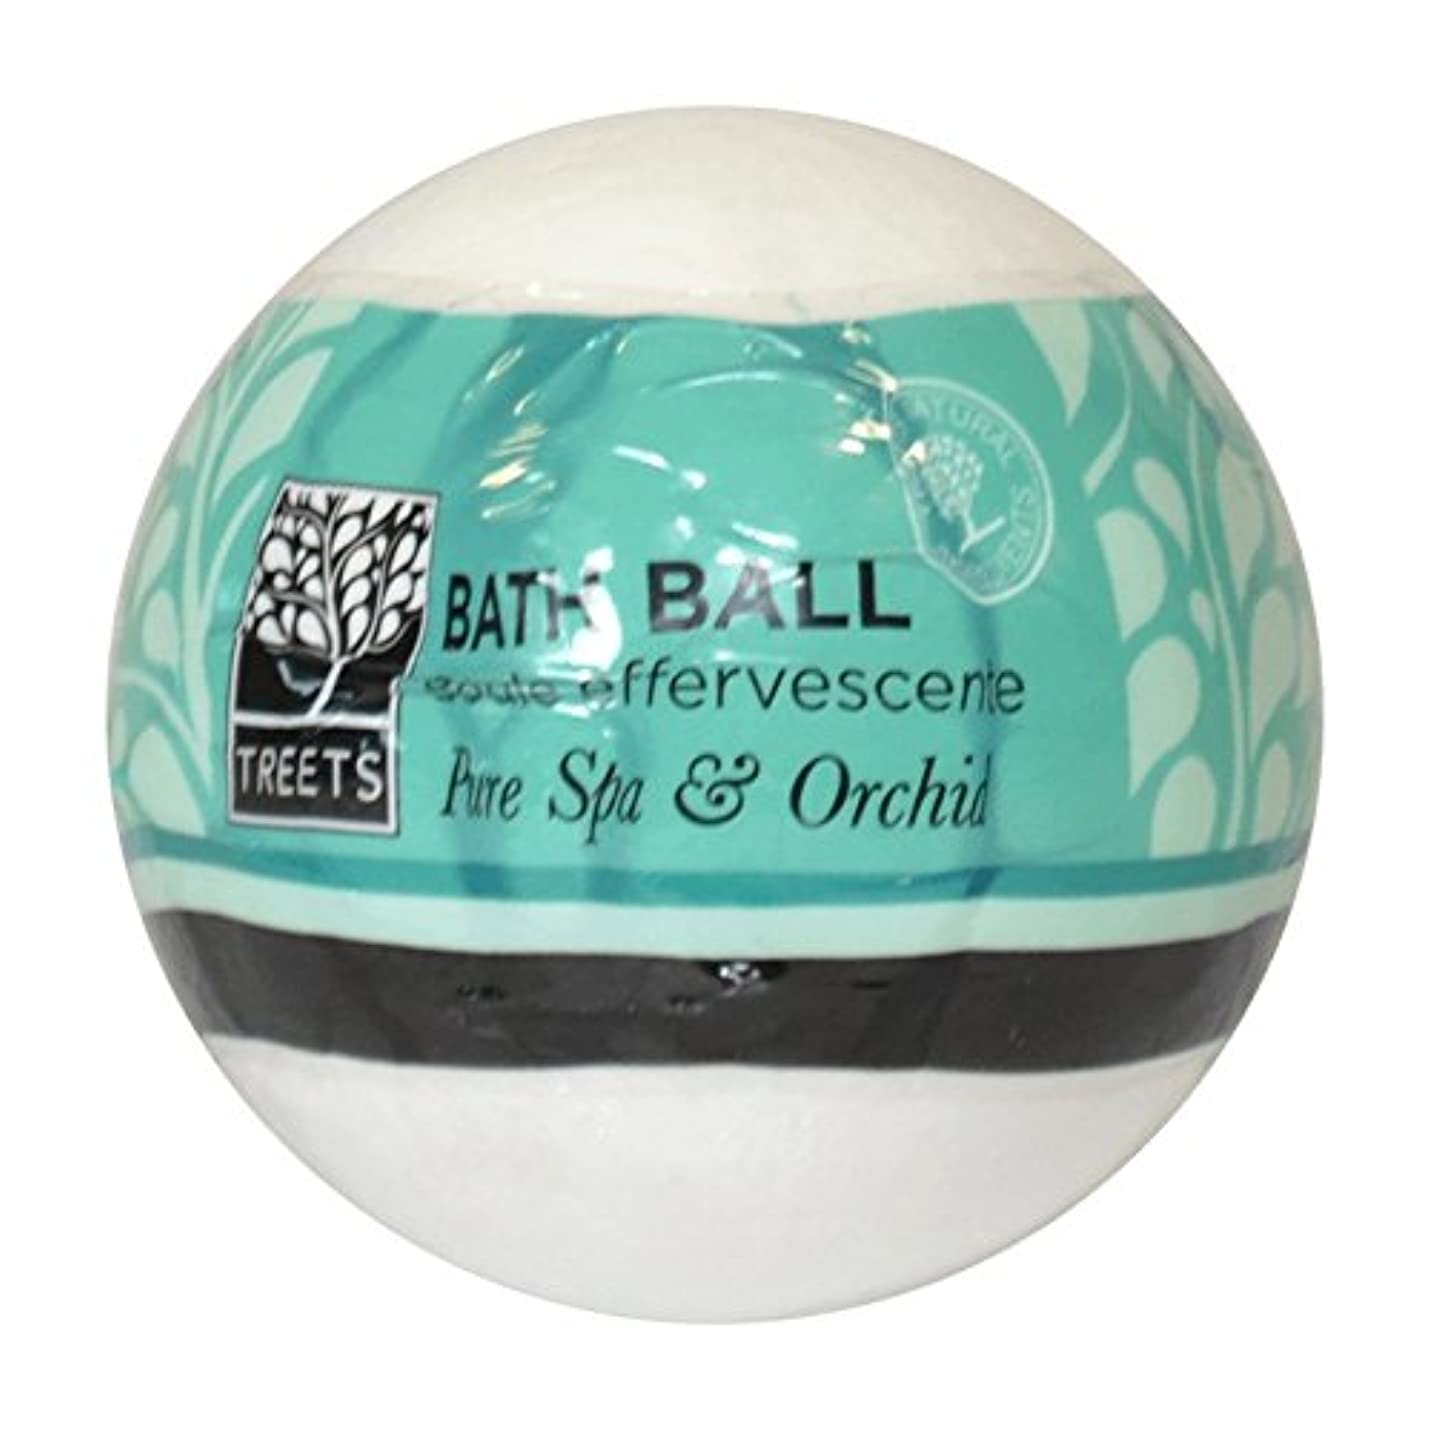 チャーミング同種の聴くTreets蘭&純粋なスパバスボール - Treets Orchid & Pure Spa Bath Ball (Treets) [並行輸入品]